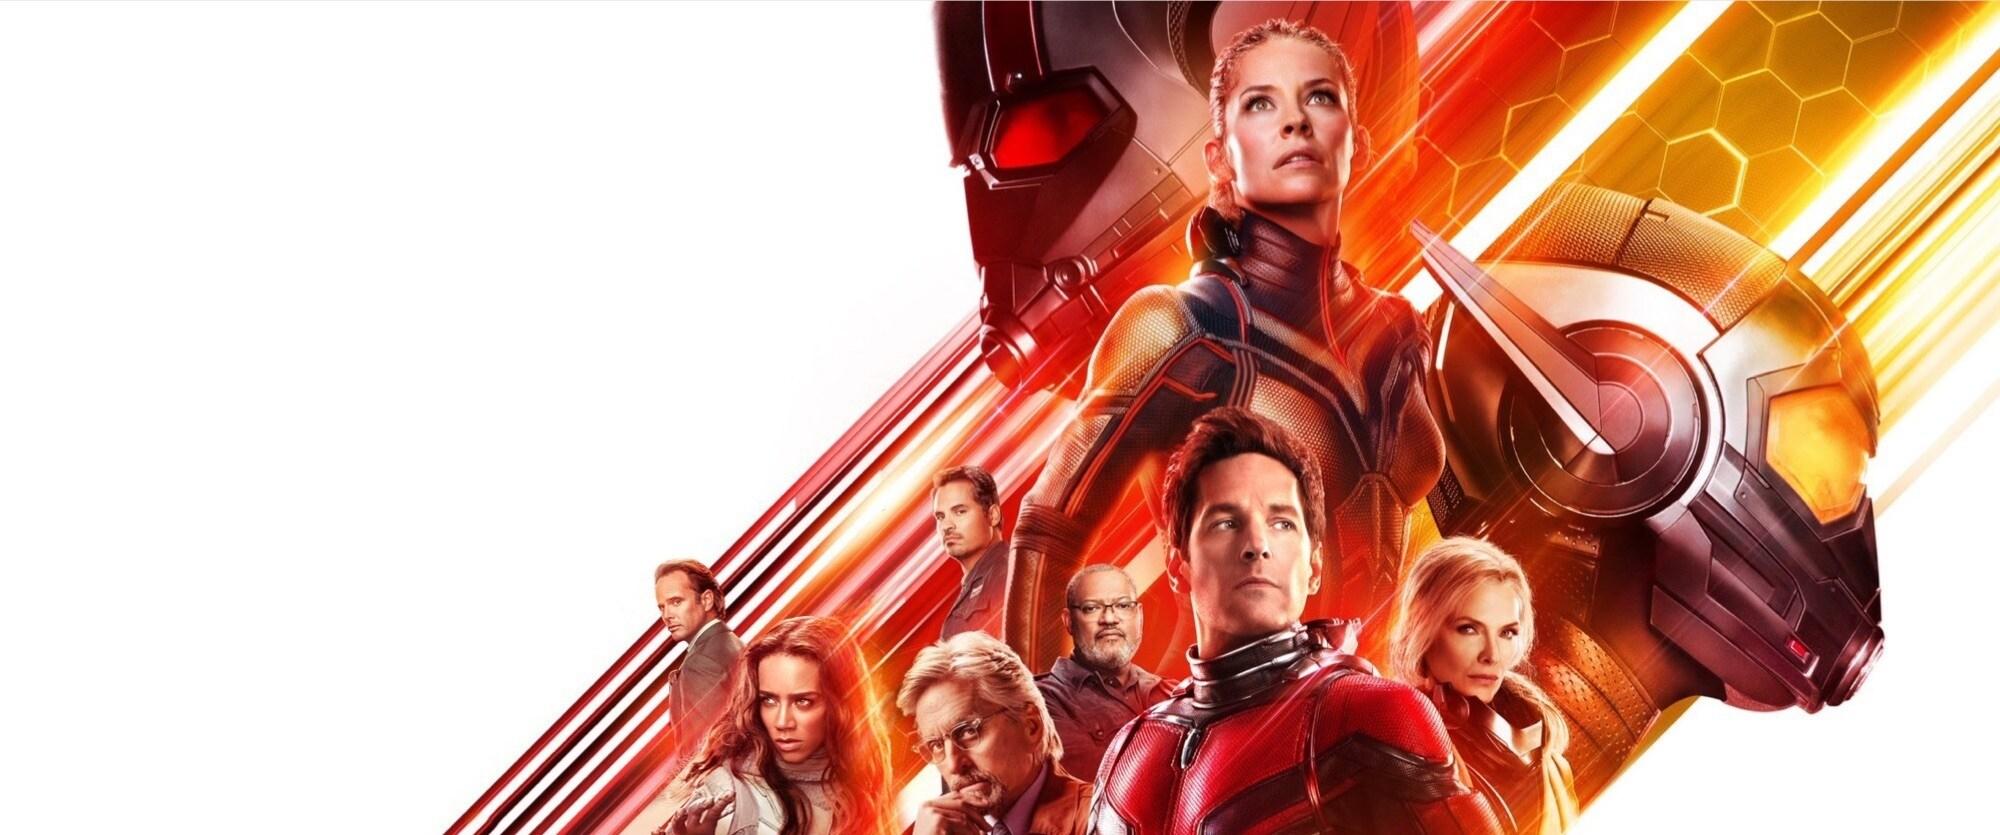 Ant-Man et la guêpe | Trailer